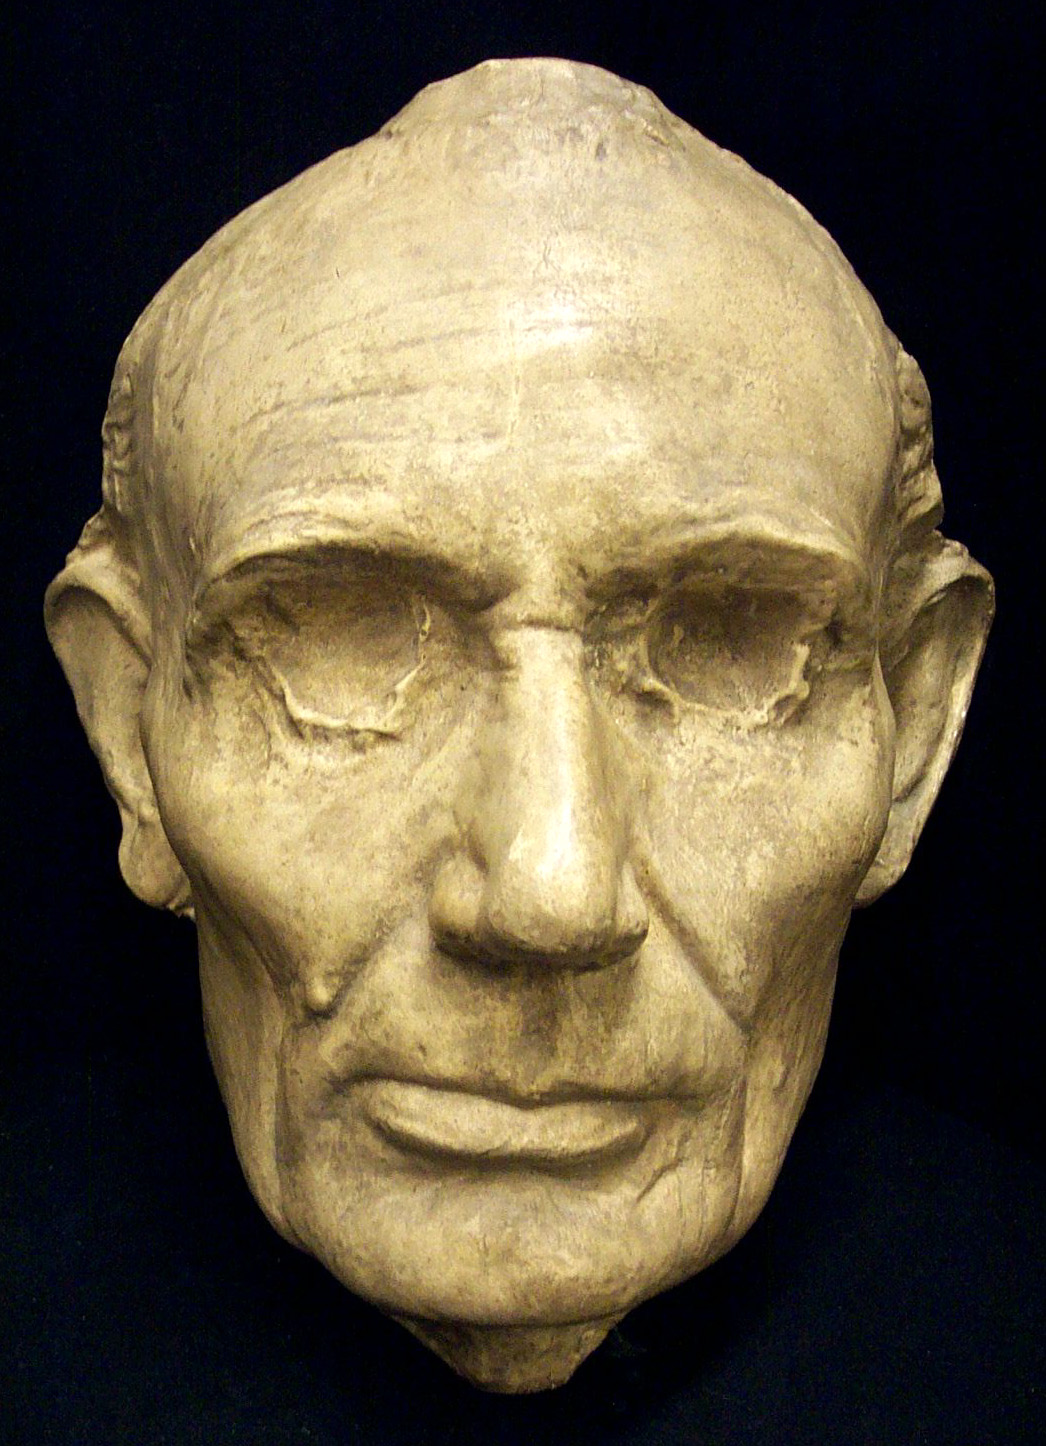 Morbid Monday: The Face of the Emperor - Atlas Obscura